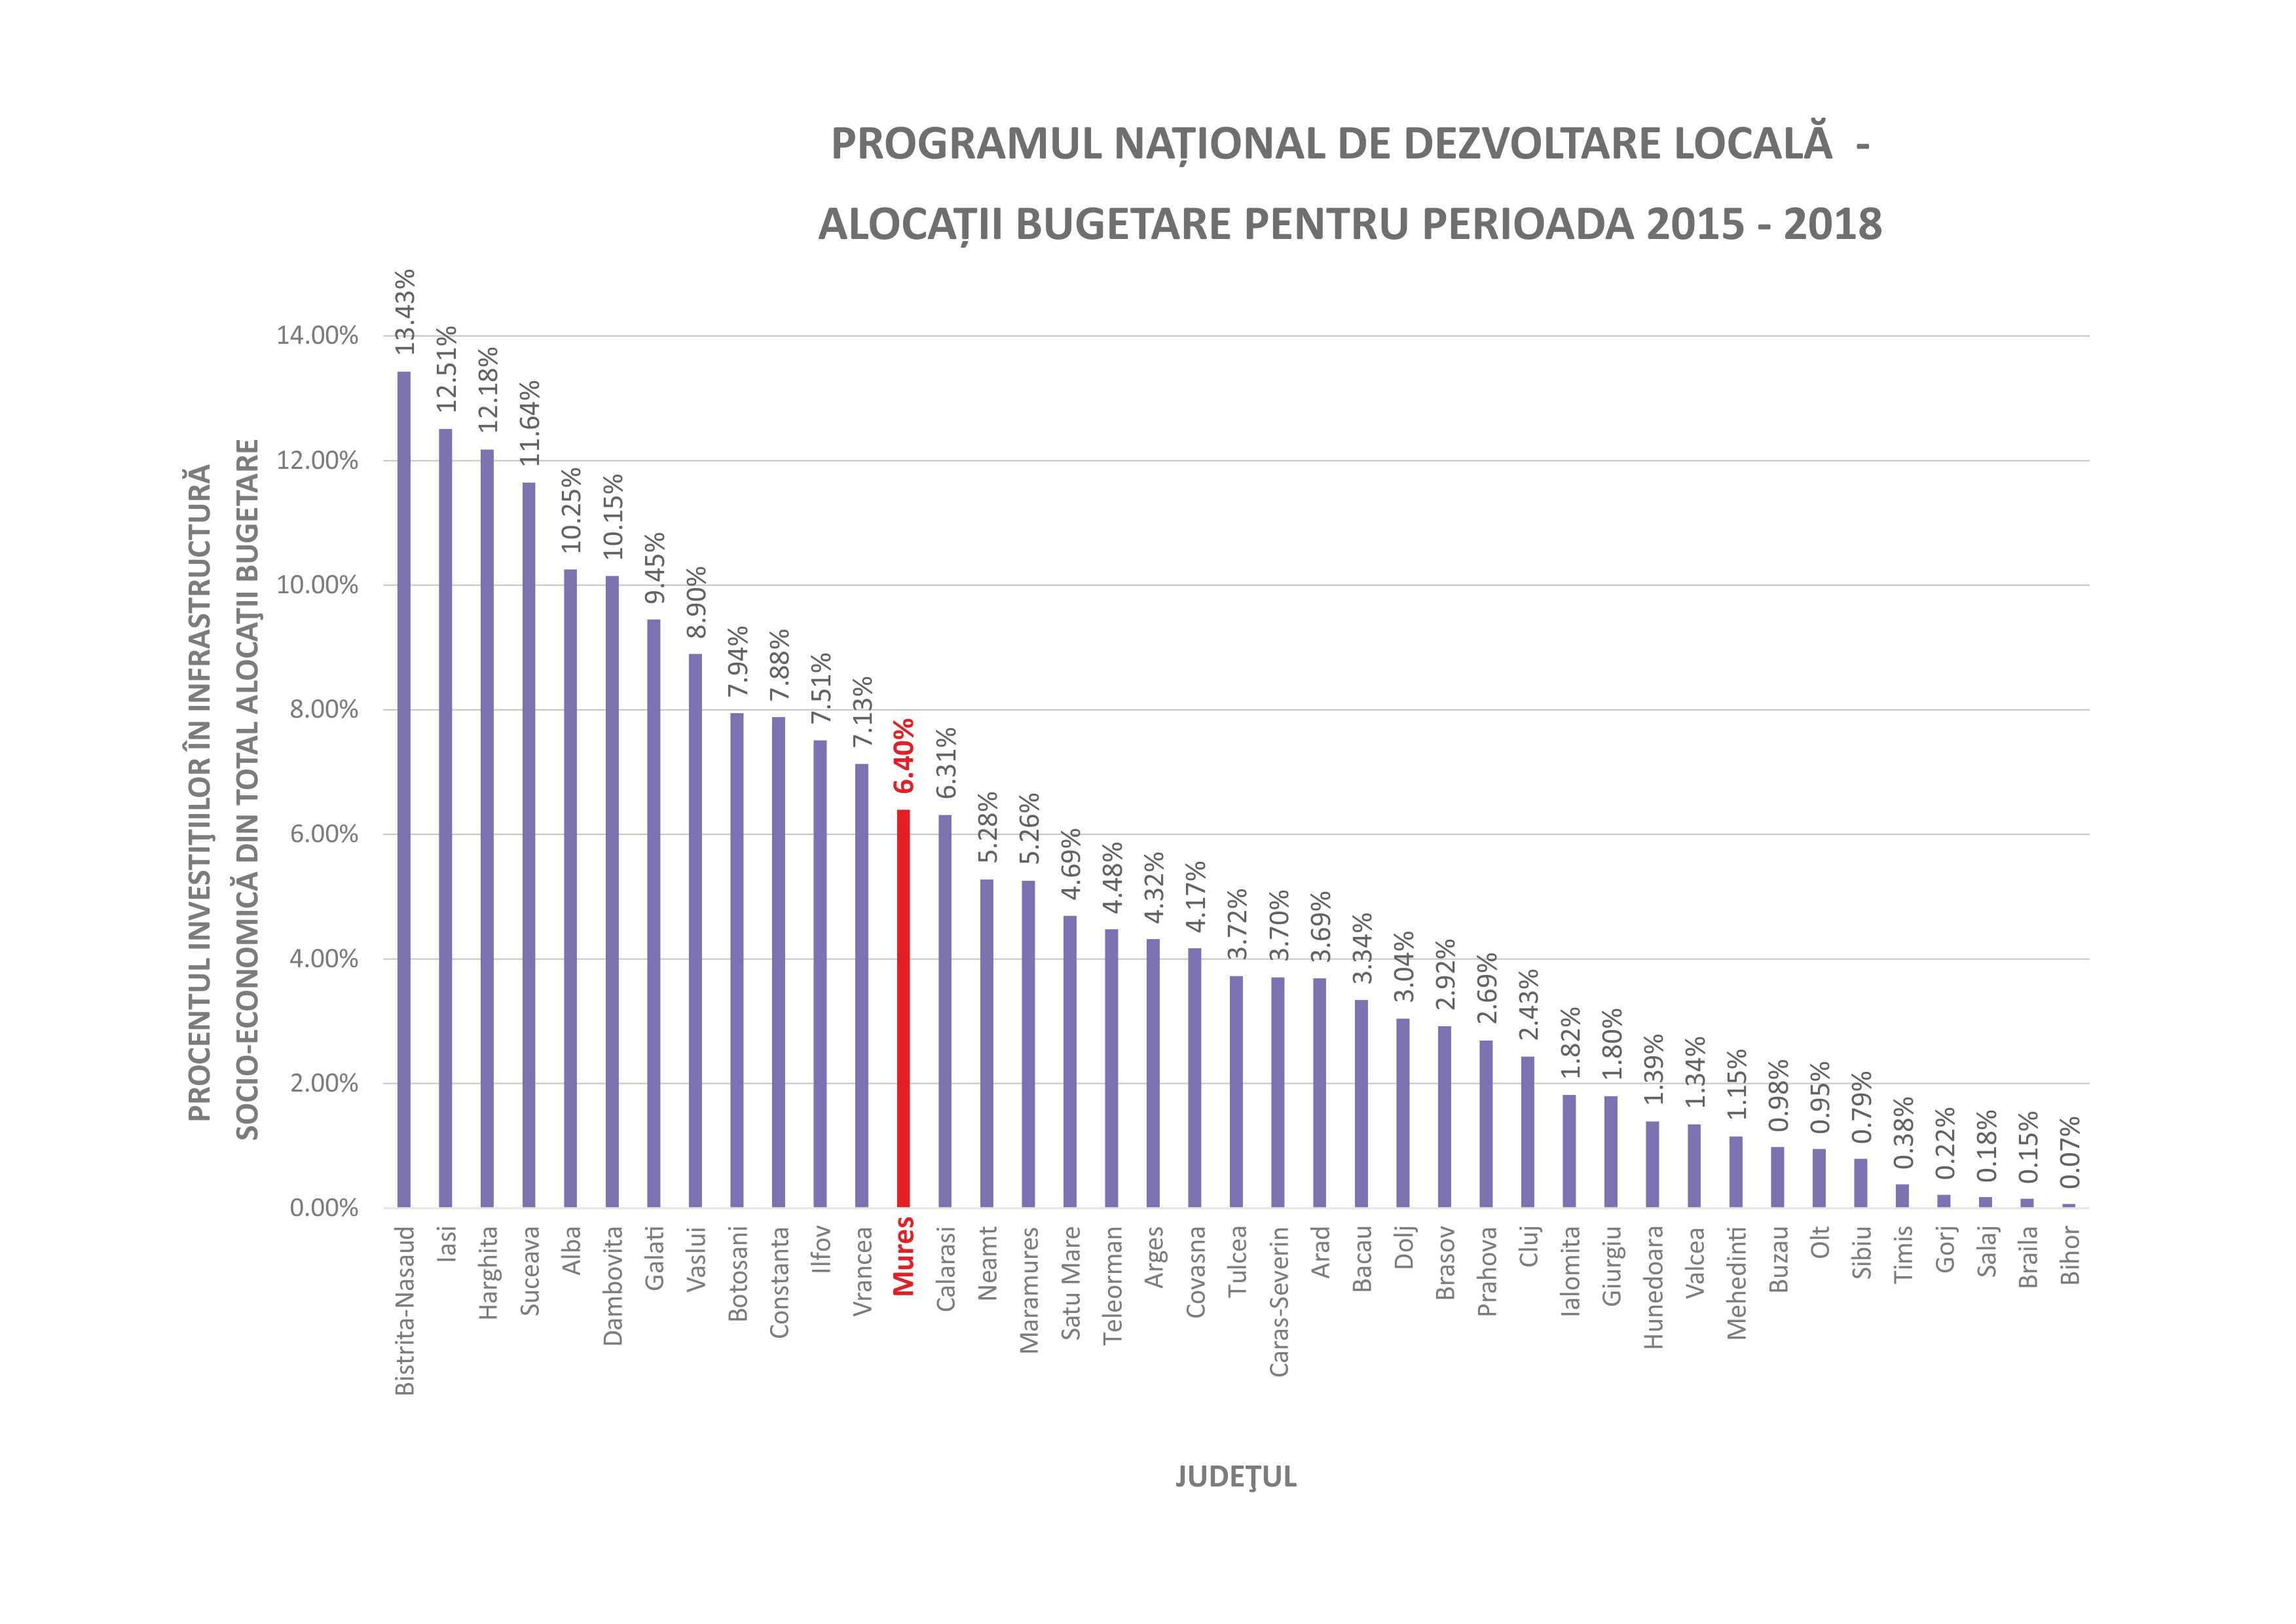 PROCENTUL INVESTIŢIILOR ÎN INFRASTRUCTURĂ  SOCIO-ECONOMICĂ DIN TOTAL ALOCAŢII BUGETARE